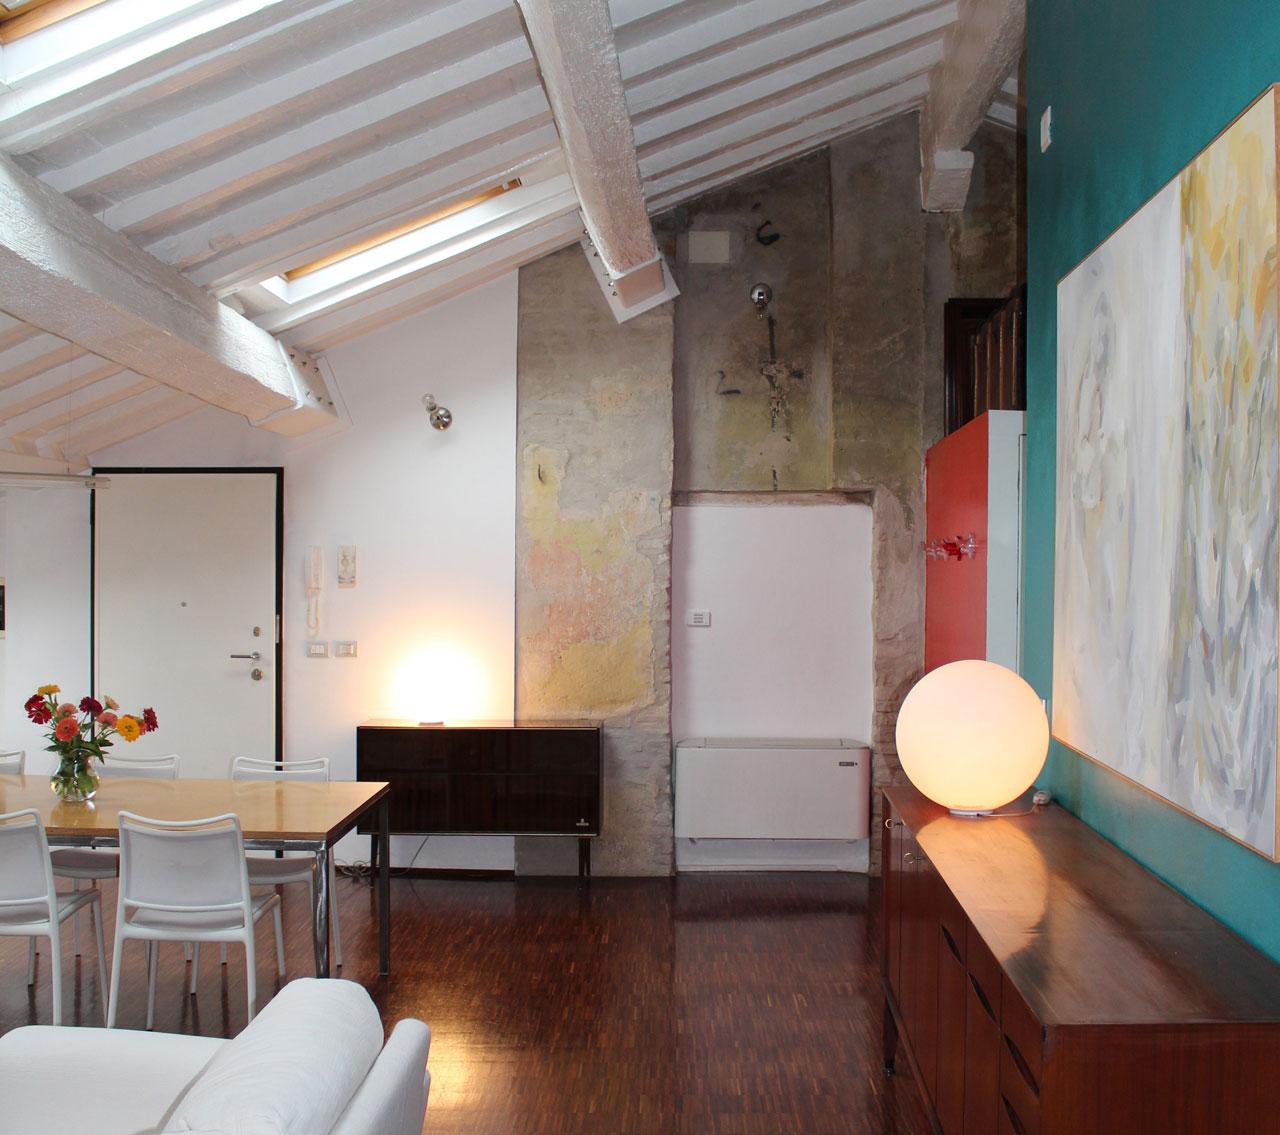 Appartamento mantova studio rnd michele rondelli - Architetto mantova ...